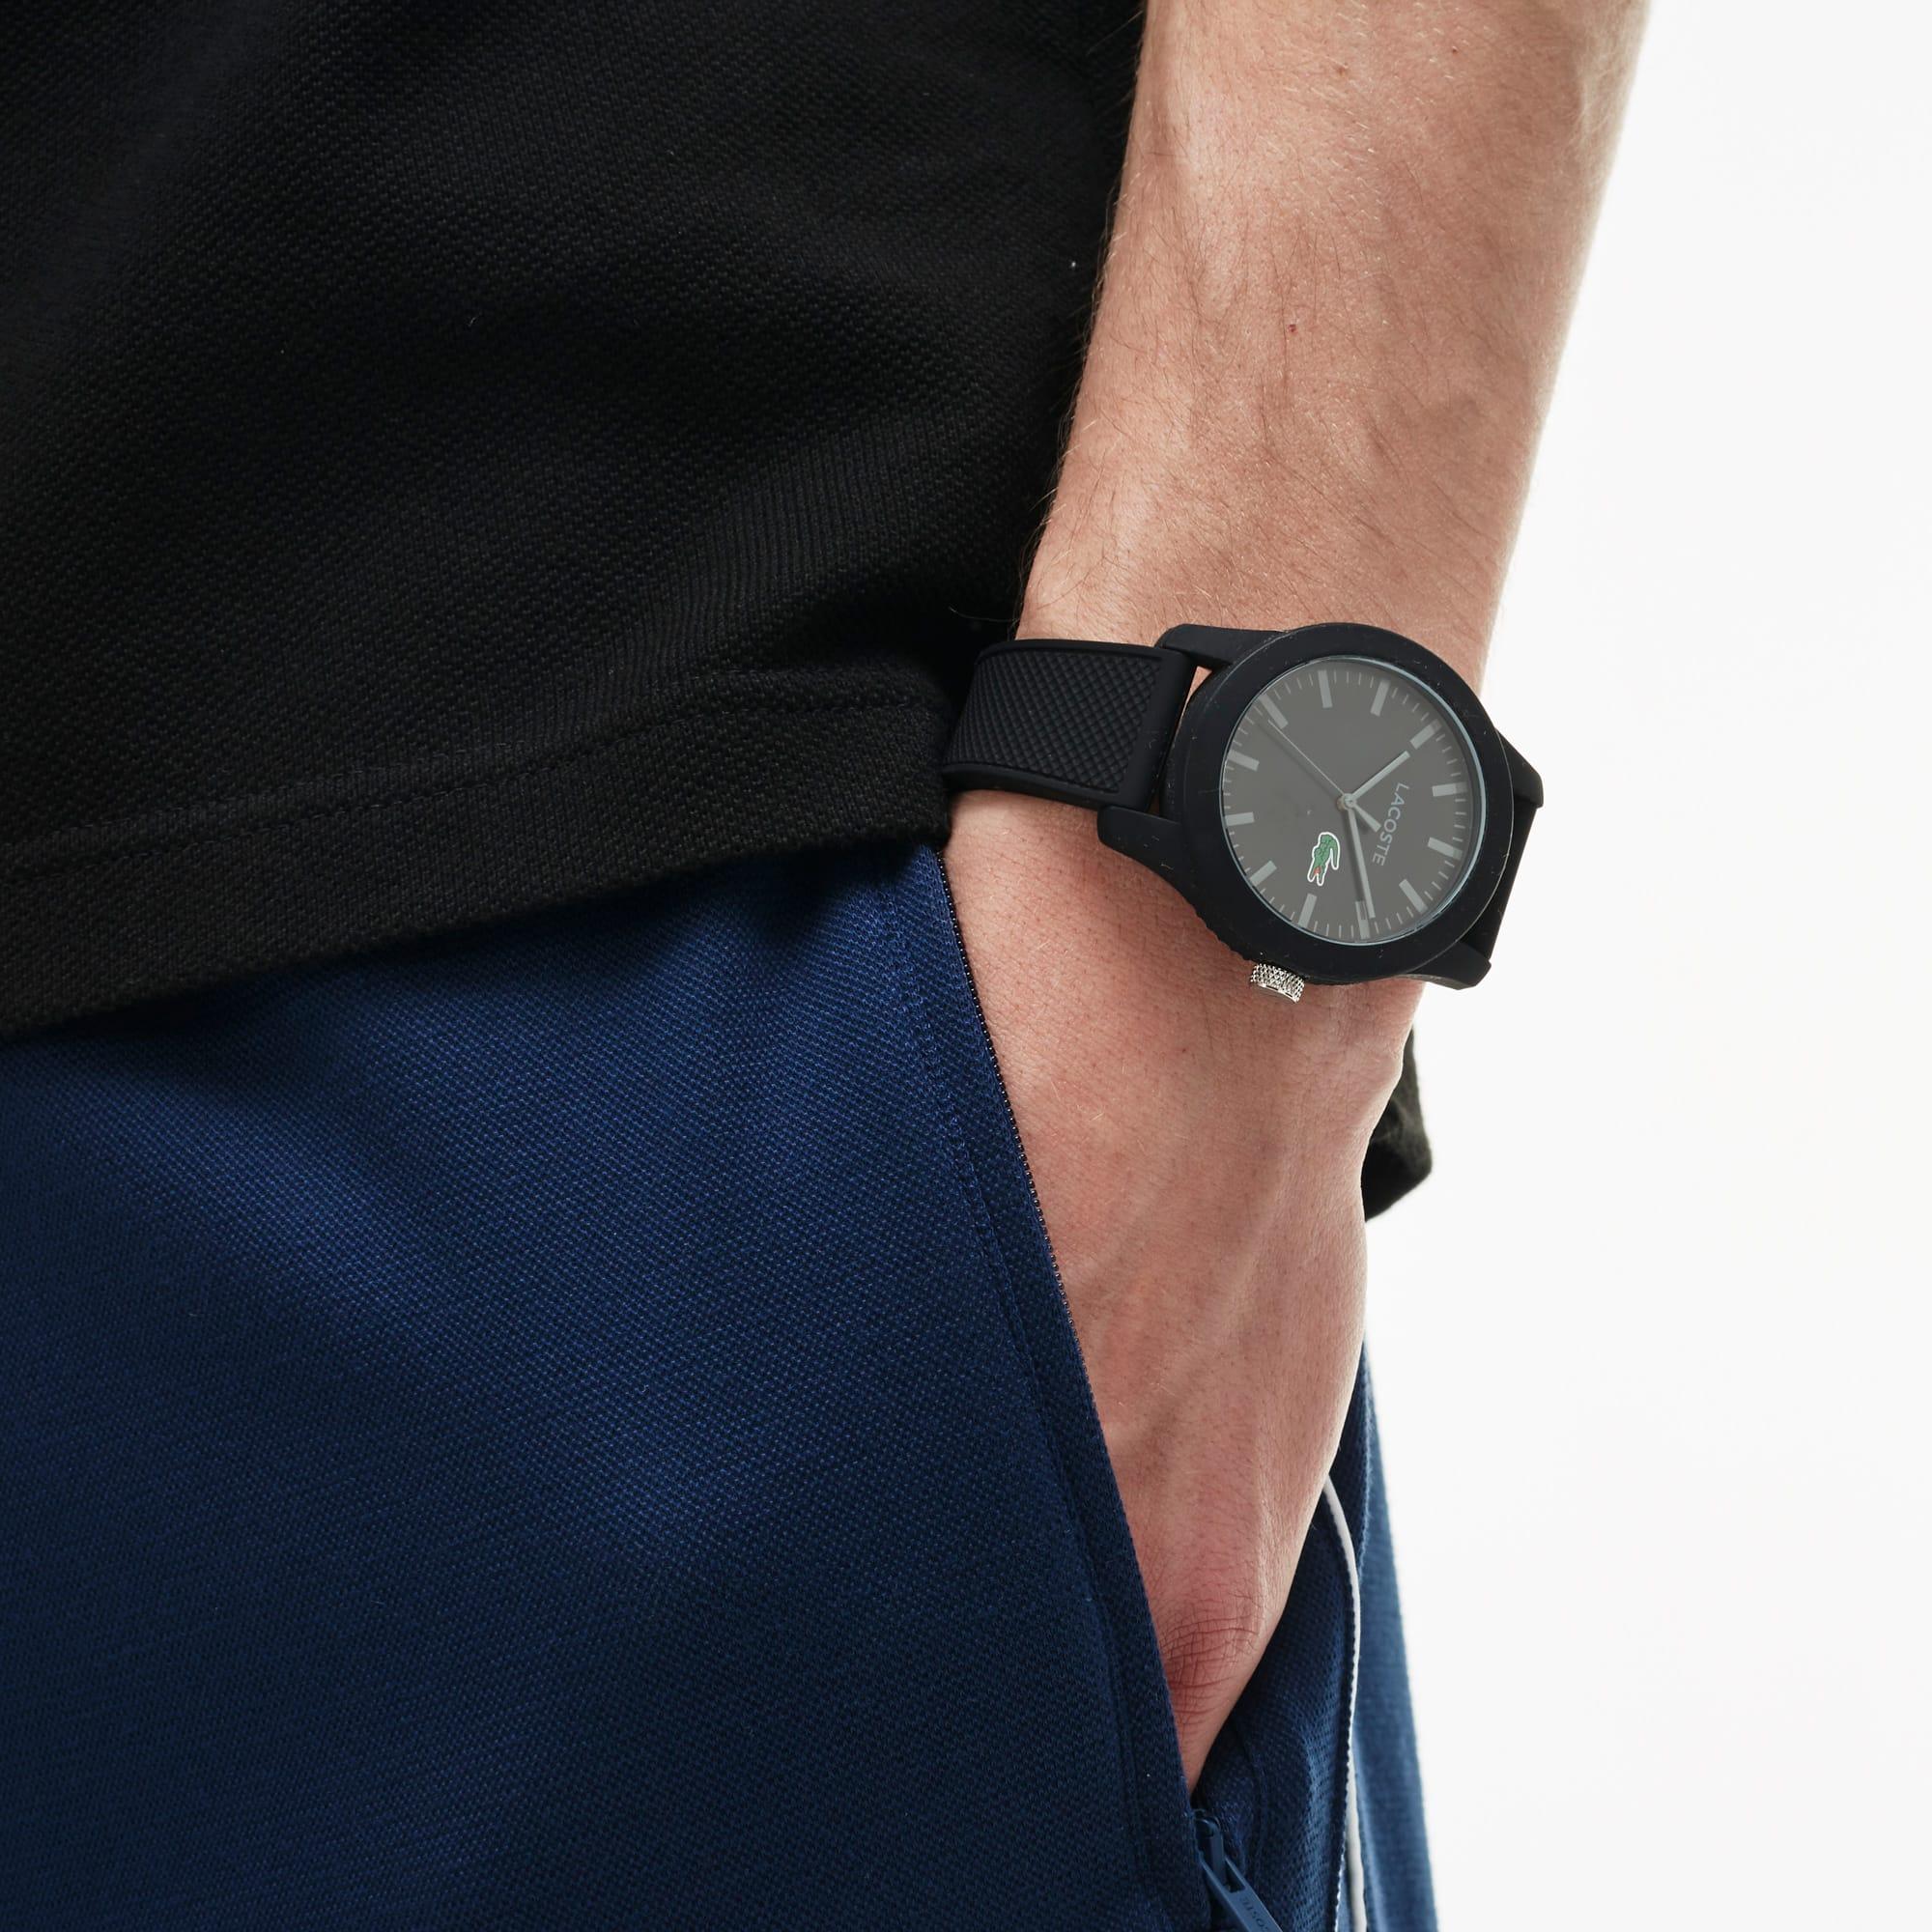 Montre Lacoste.12.12 Homme avec Bracelet en Silicone Noir